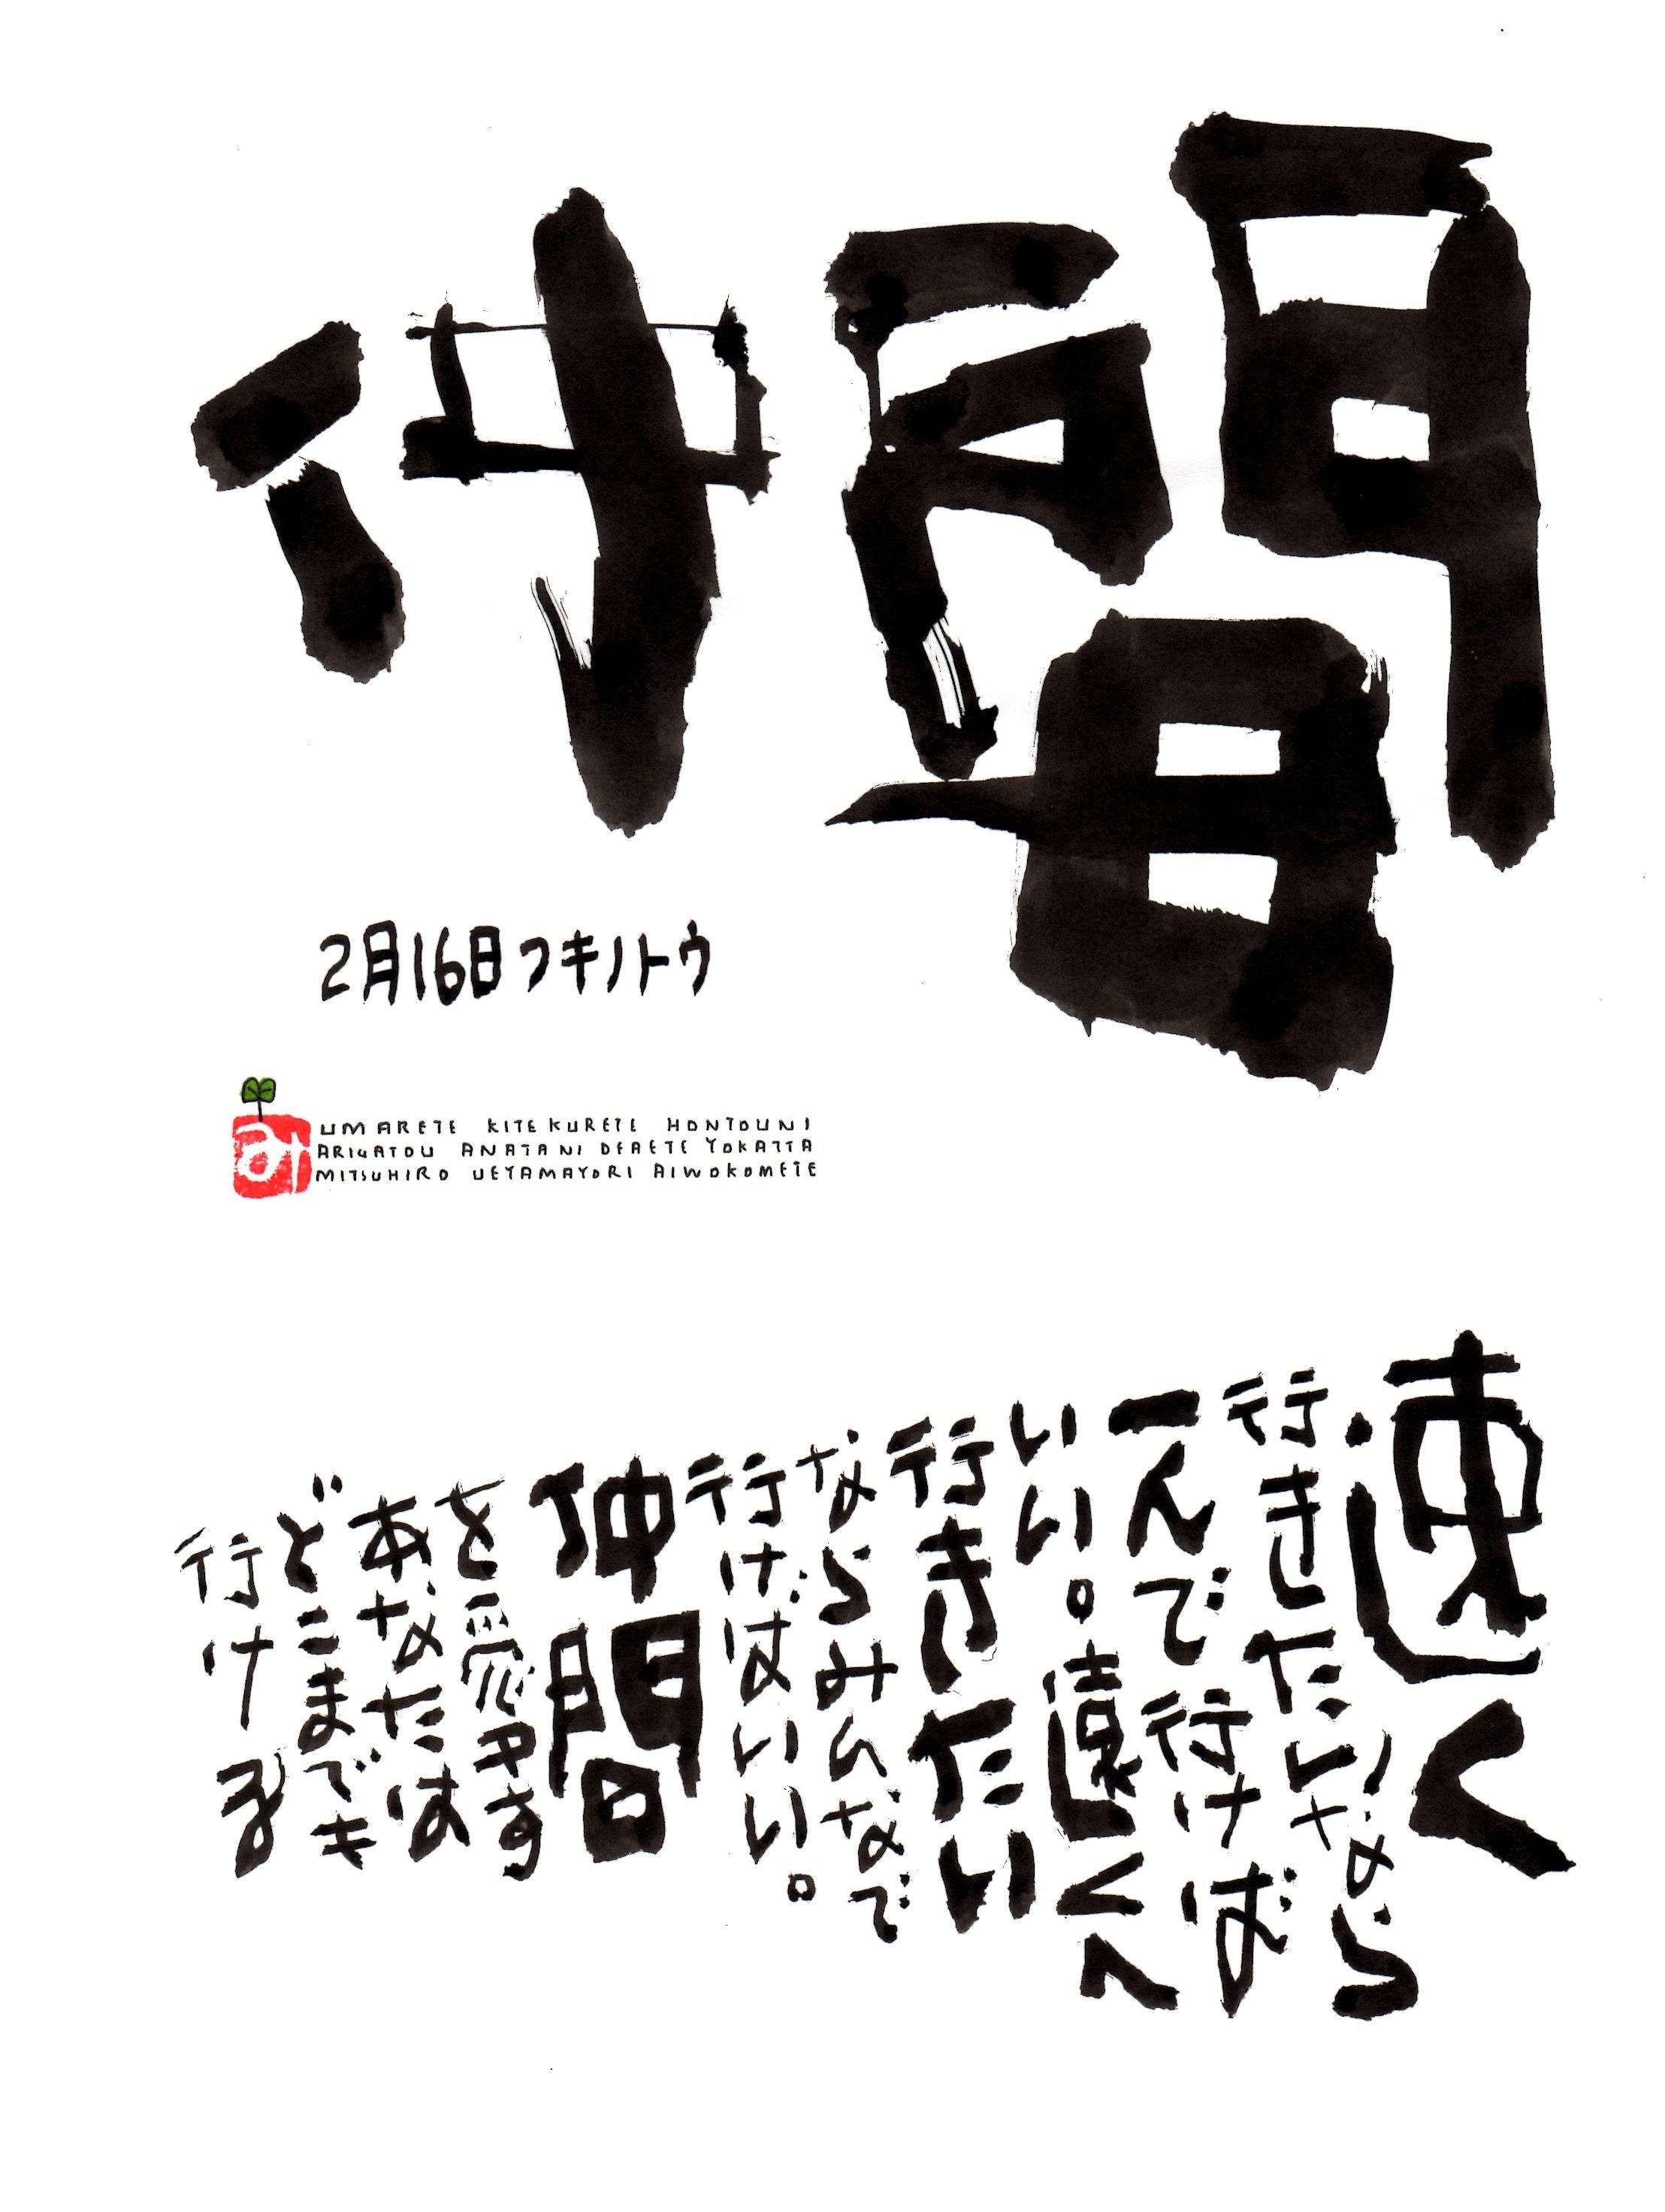 2月16日 誕生日ポストカード【仲間】Friend